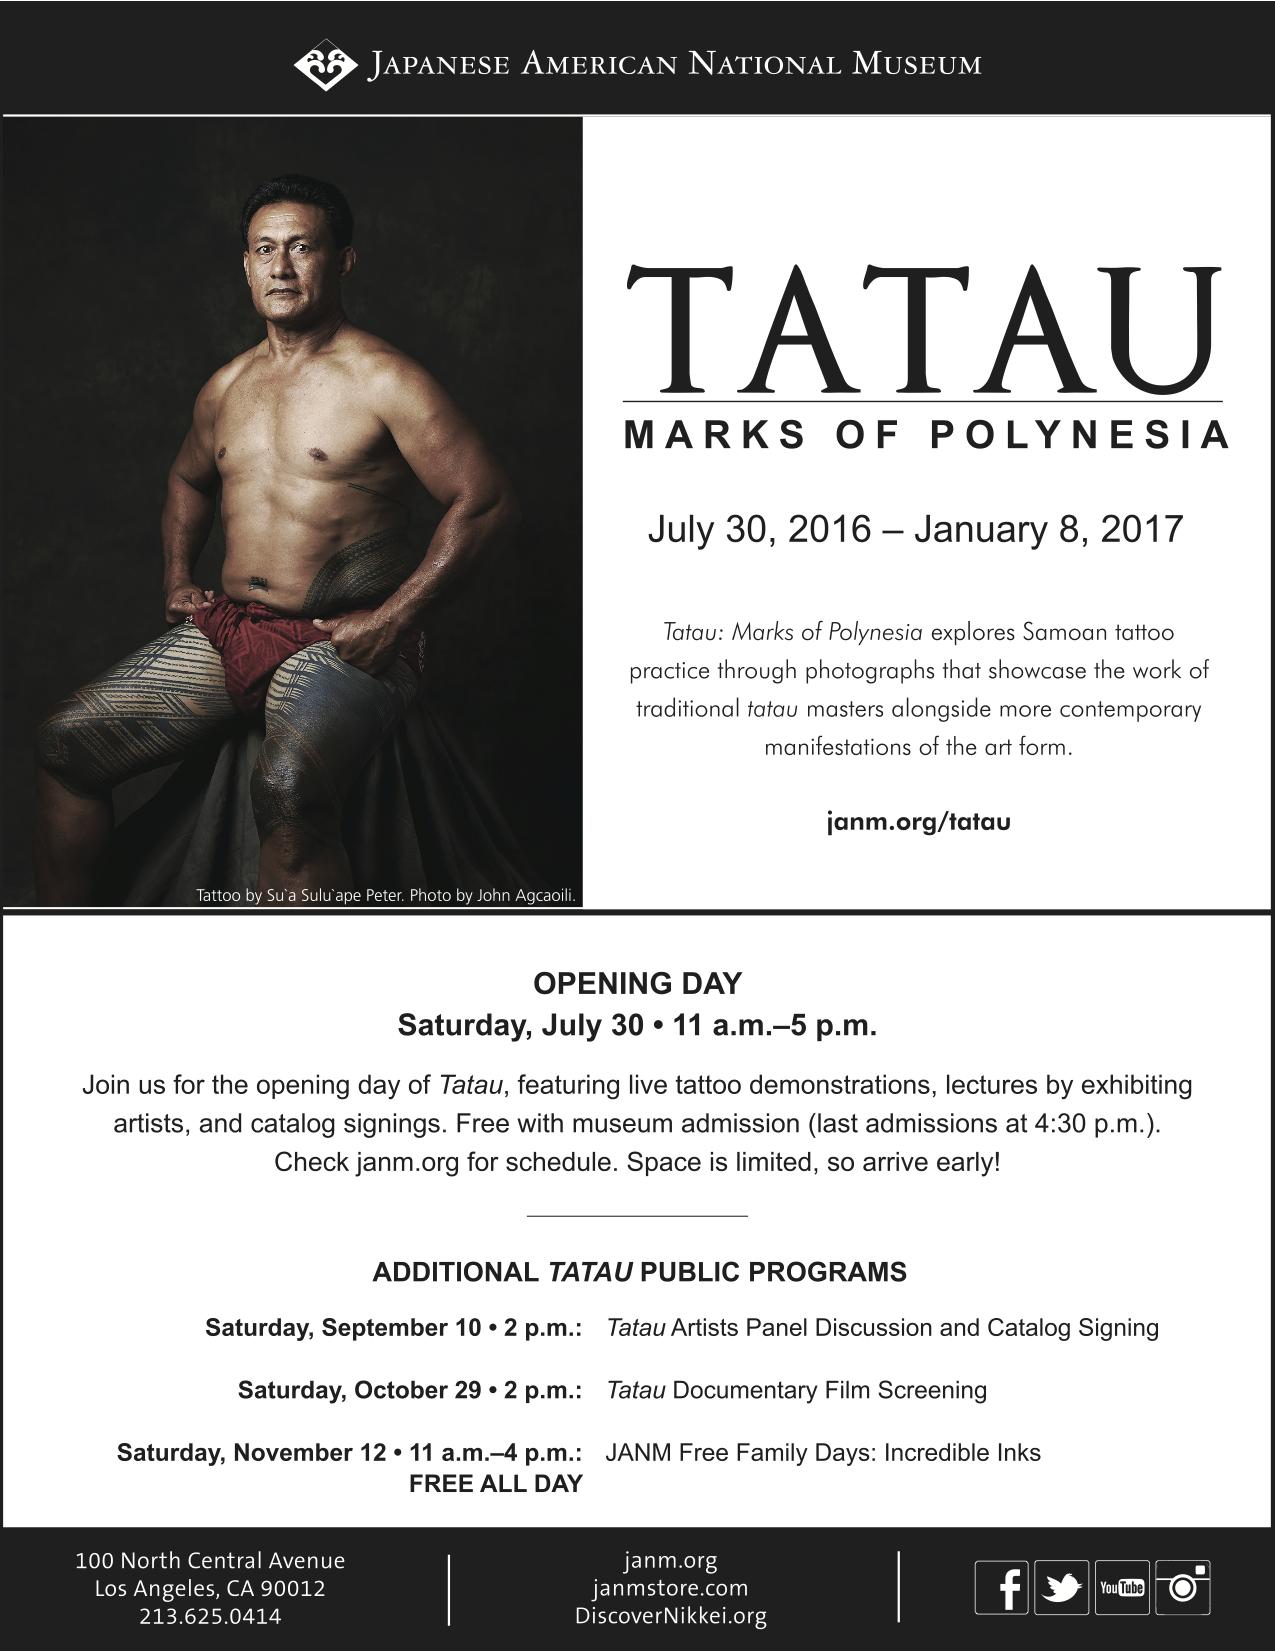 Tatau: Marks of Polynesia